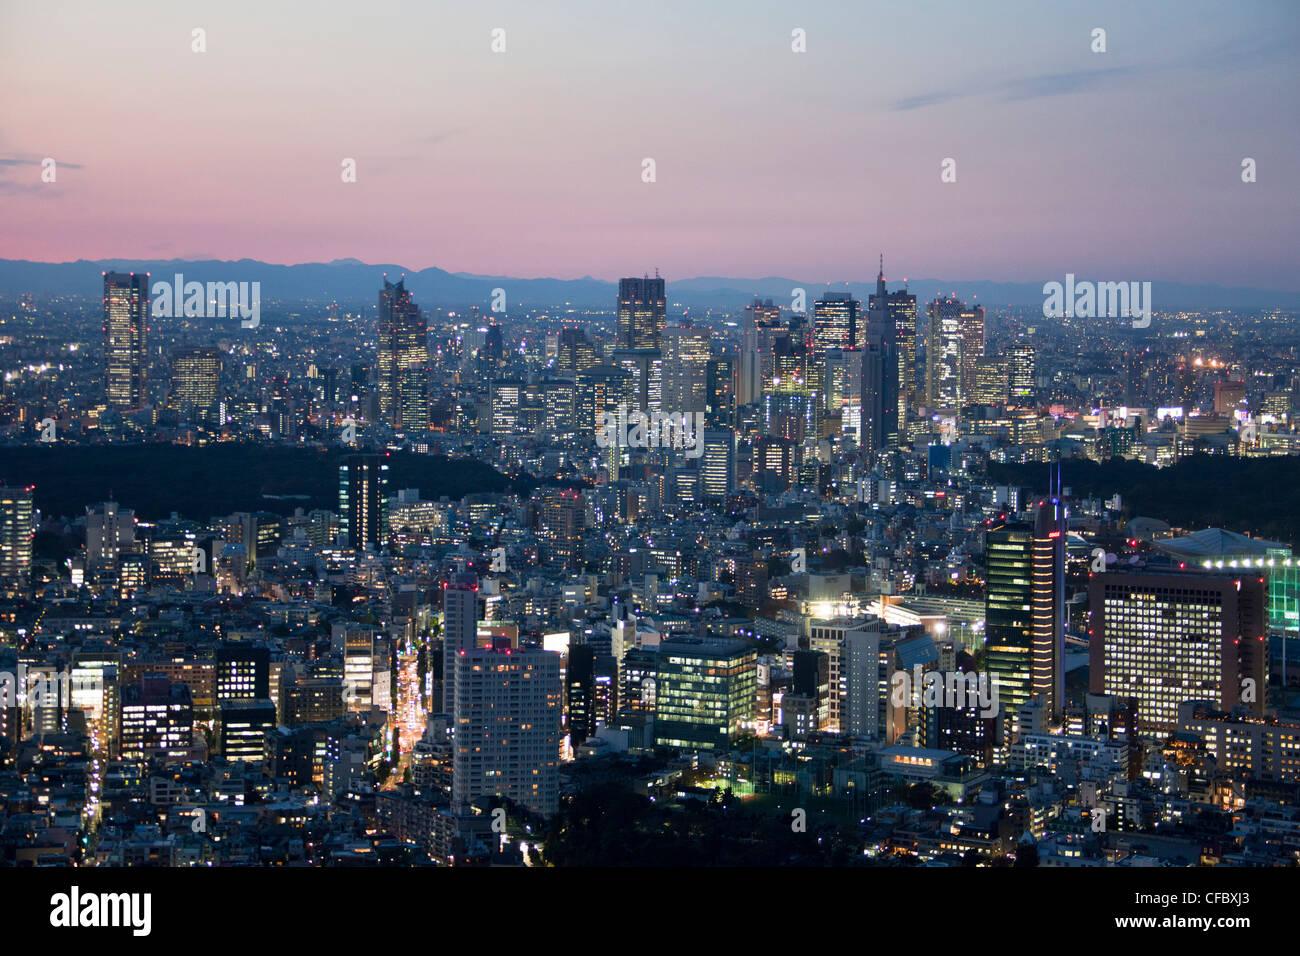 Giappone, Asia, Tokyo, città, tramonto, architettura, grandi edifici, city e il centro cittadino, enorme, luci, Immagini Stock